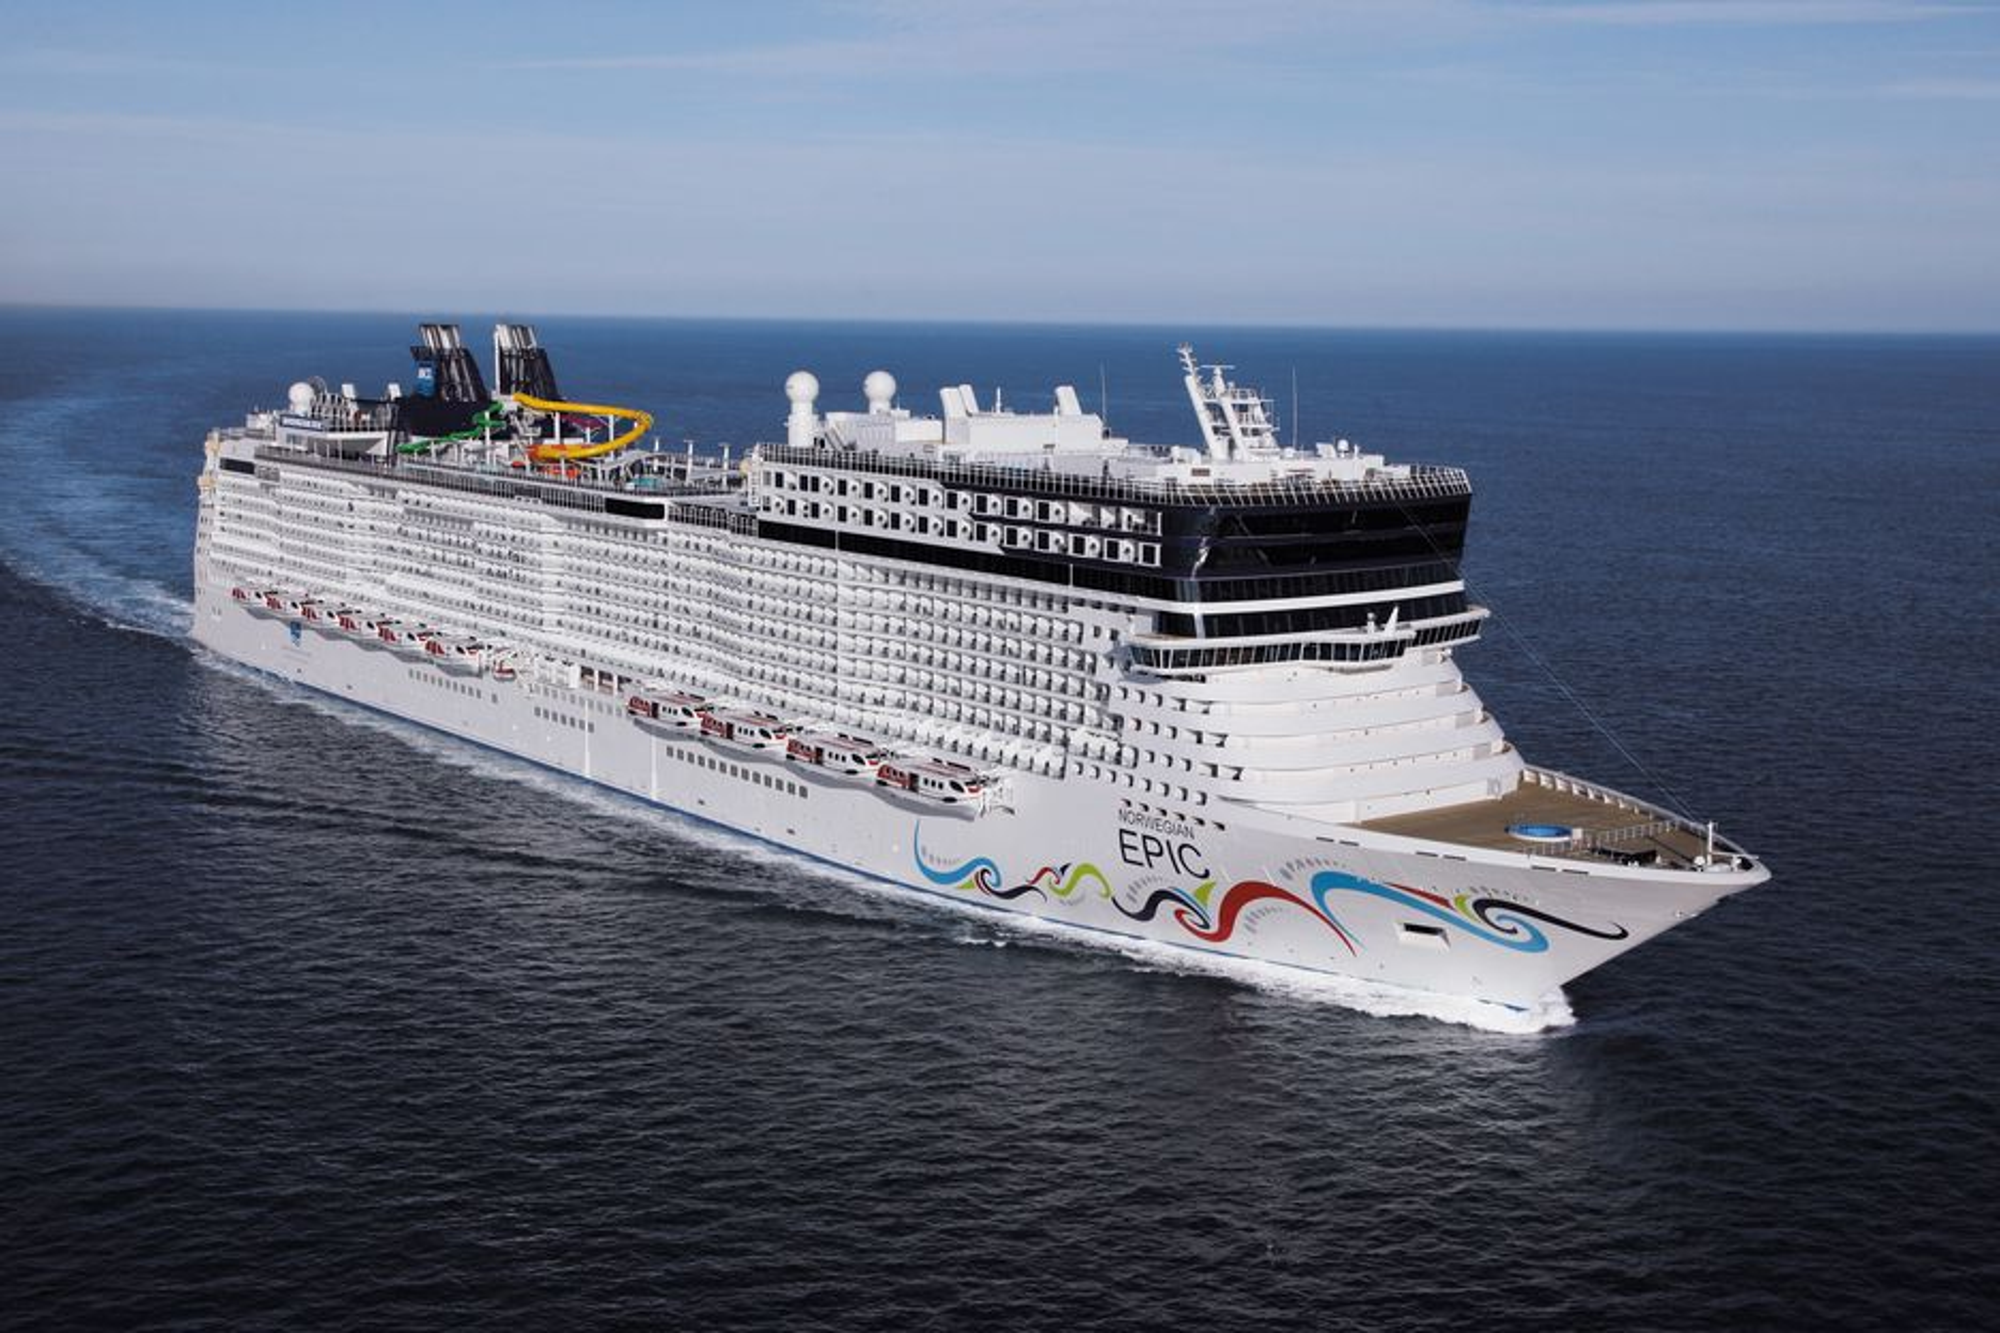 FLYTENDE BY: Med rundt 6.000 personer om bord, er det godt for kapteinen på Norwegian Epic å vite at han kan holde oversikt over at alle kommer til samlingsstasjonene i tilfelle krise.